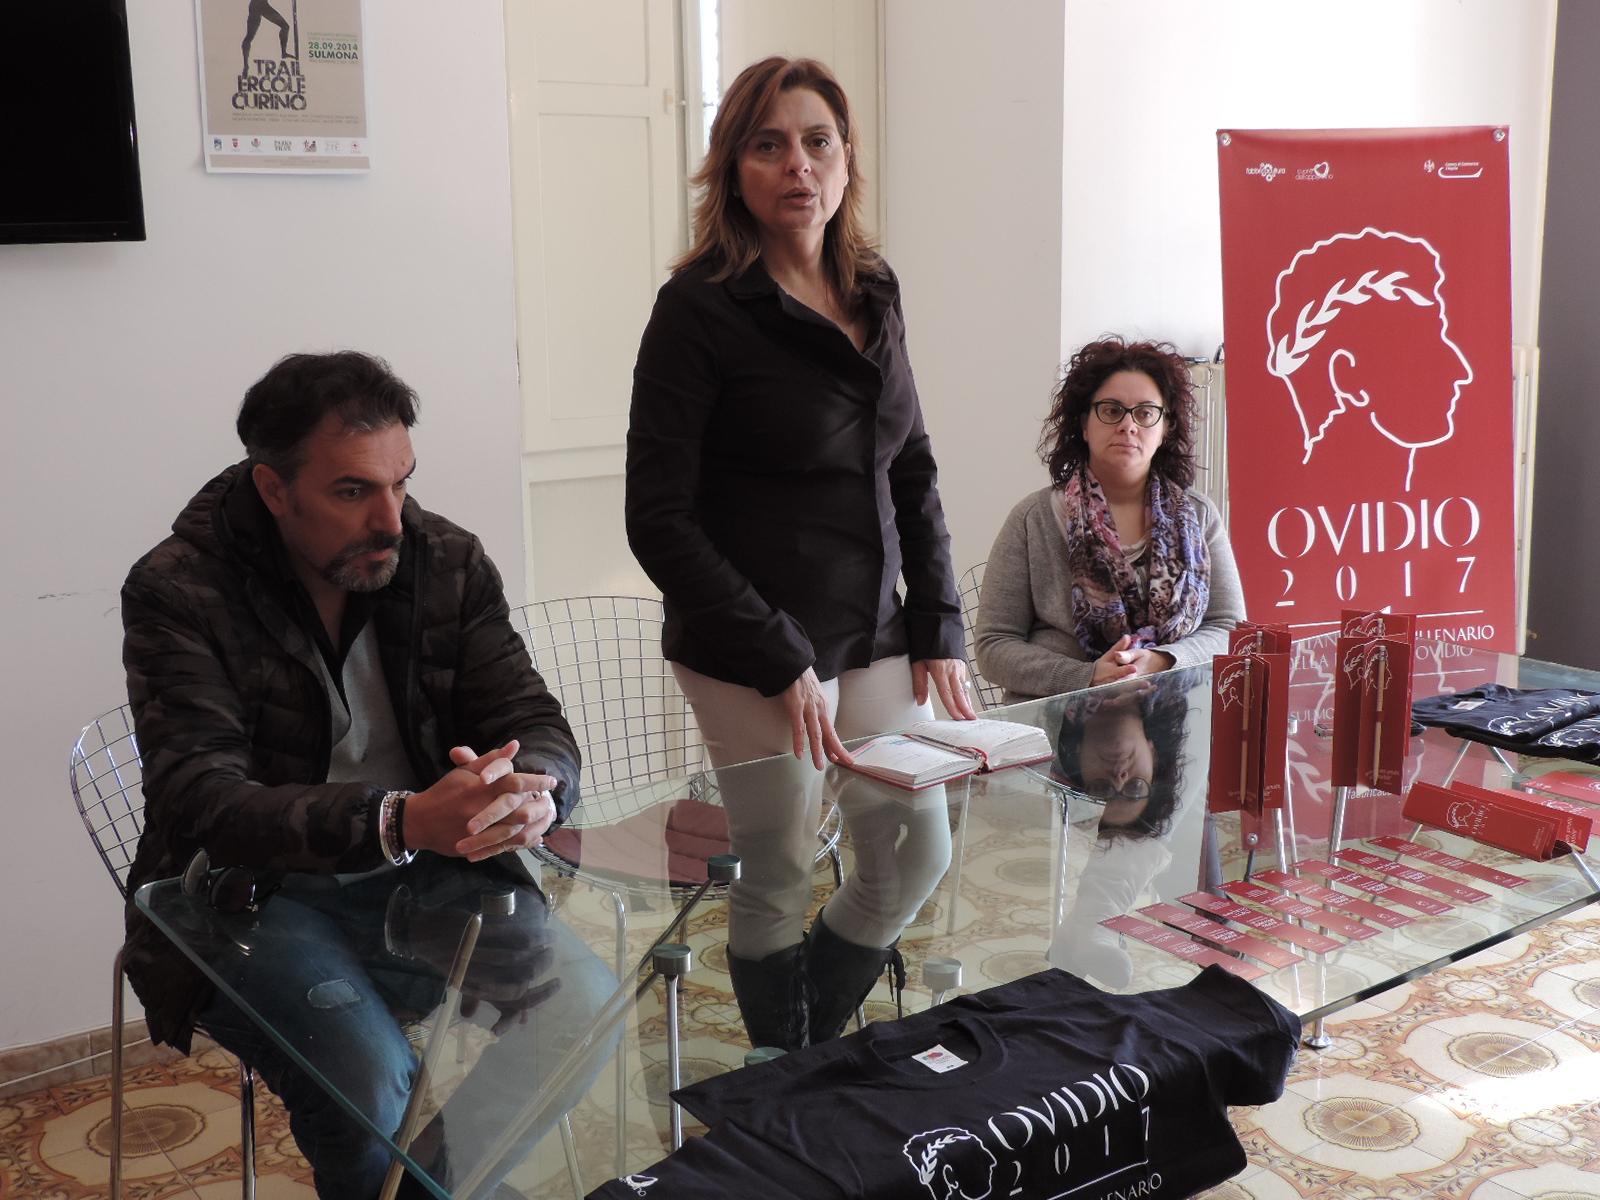 Centroabruzzonews 29 ottobre 2015 aspettando ovidio 2017 for Expo milano 2017